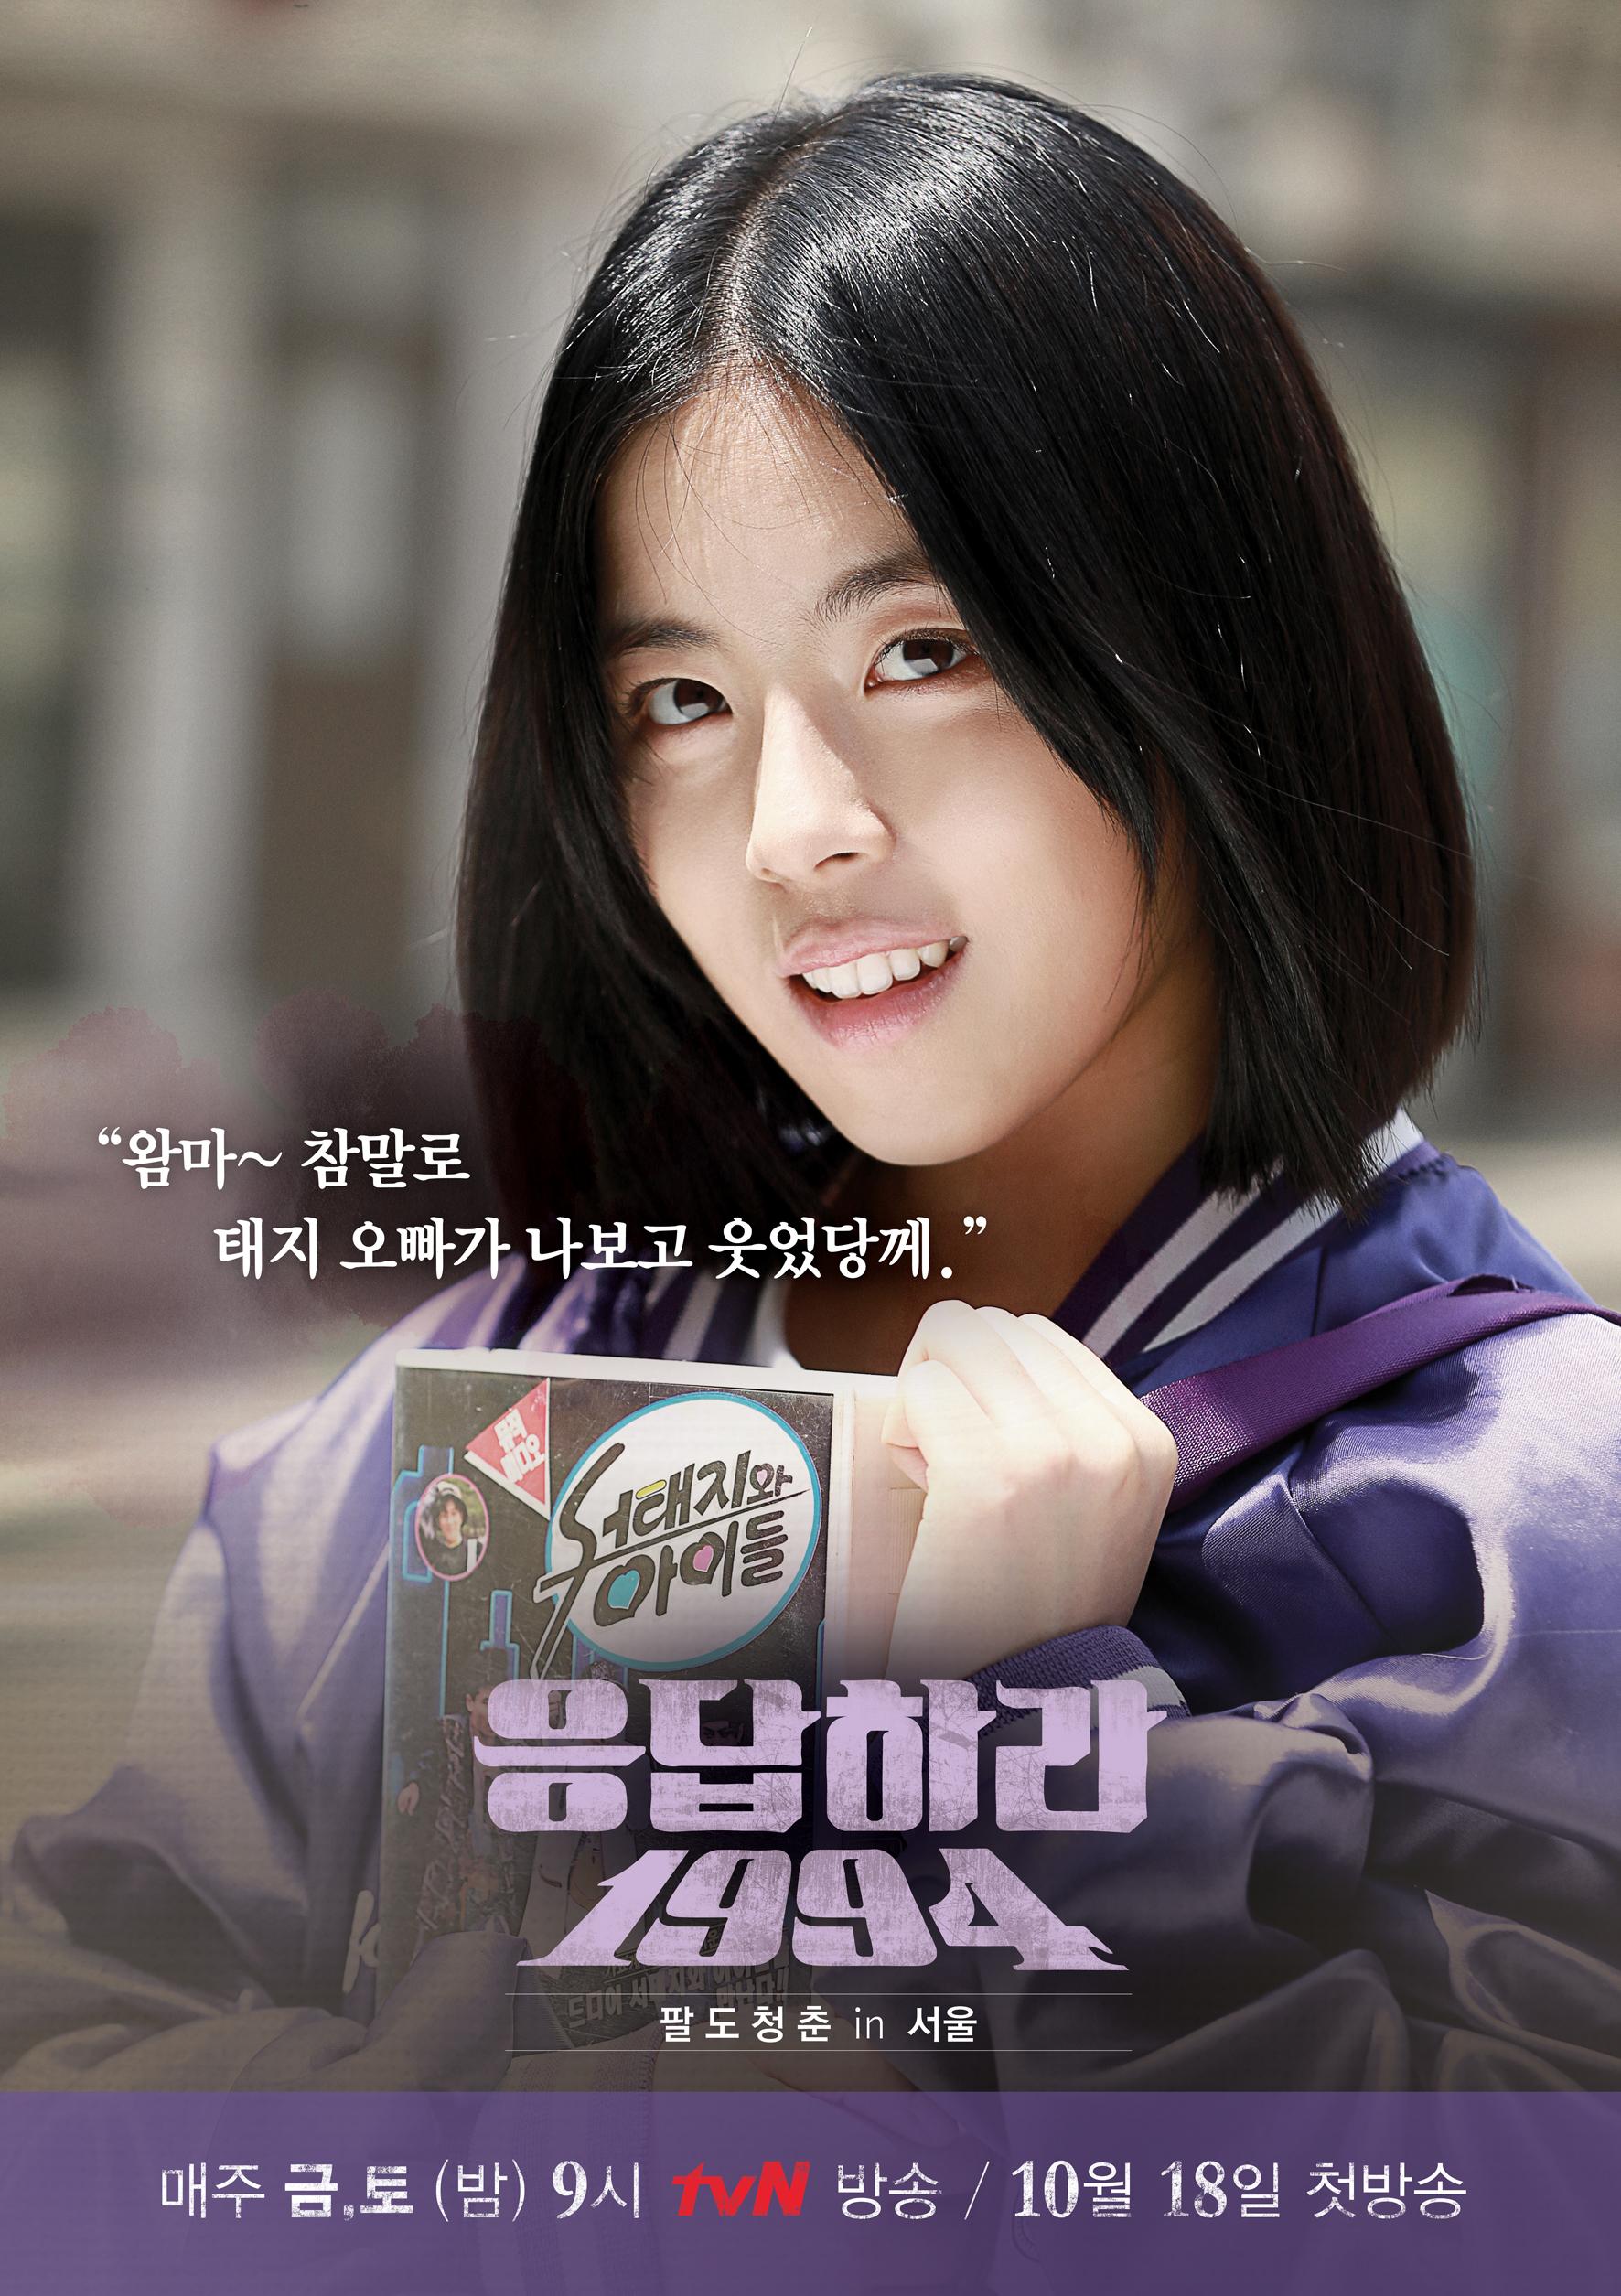 캐릭터 포스터 - 윤진